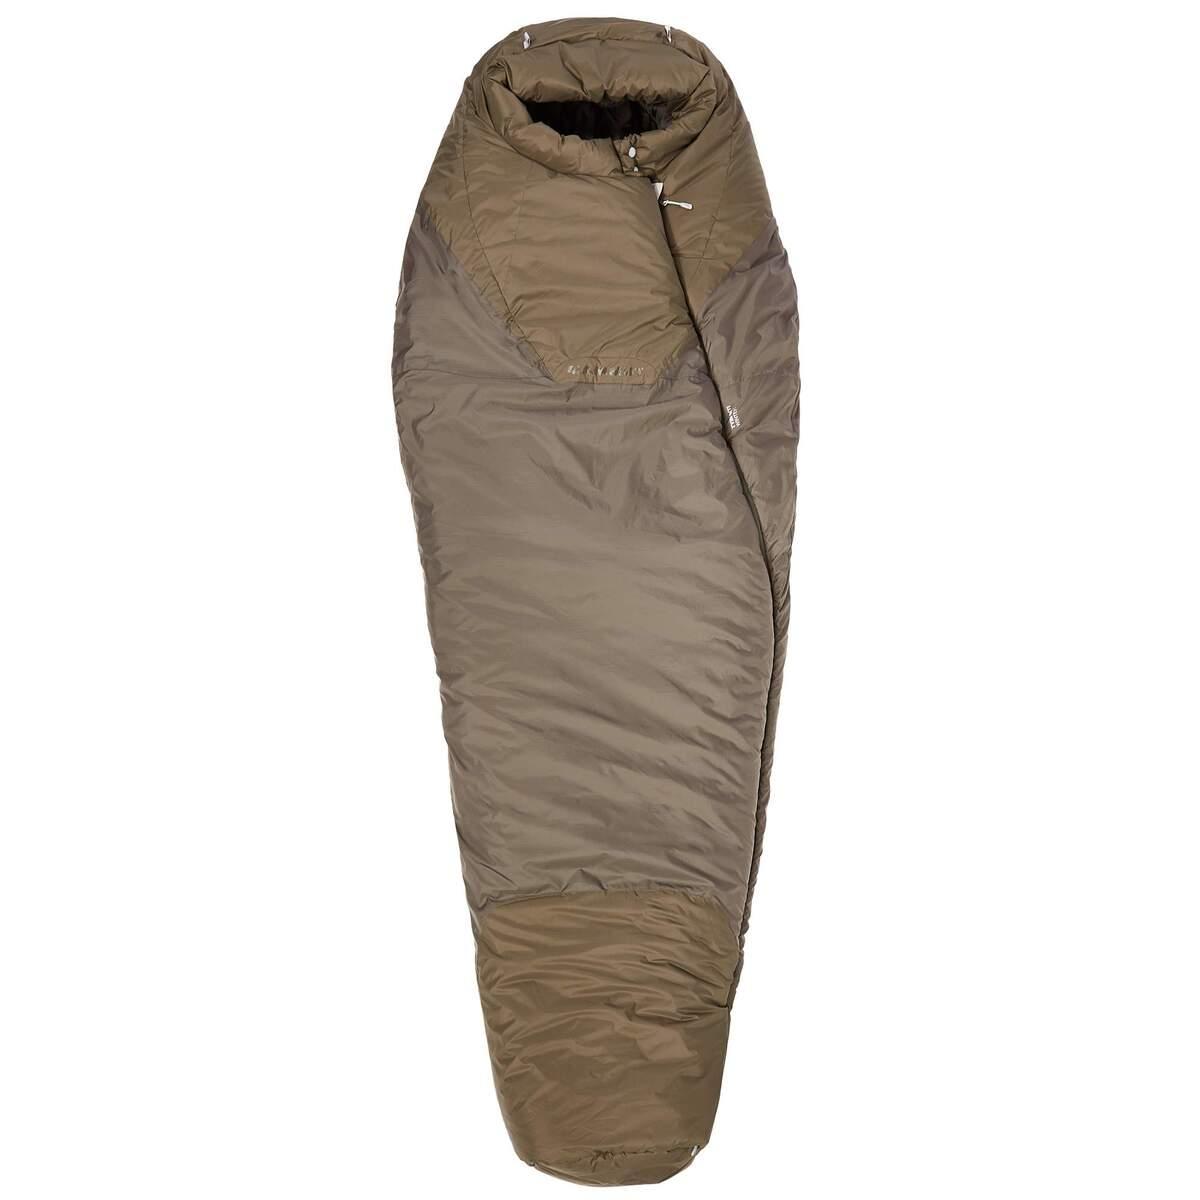 Bild 1 von Mammut TYIN MTI WINTER Unisex - Winterschlafsack